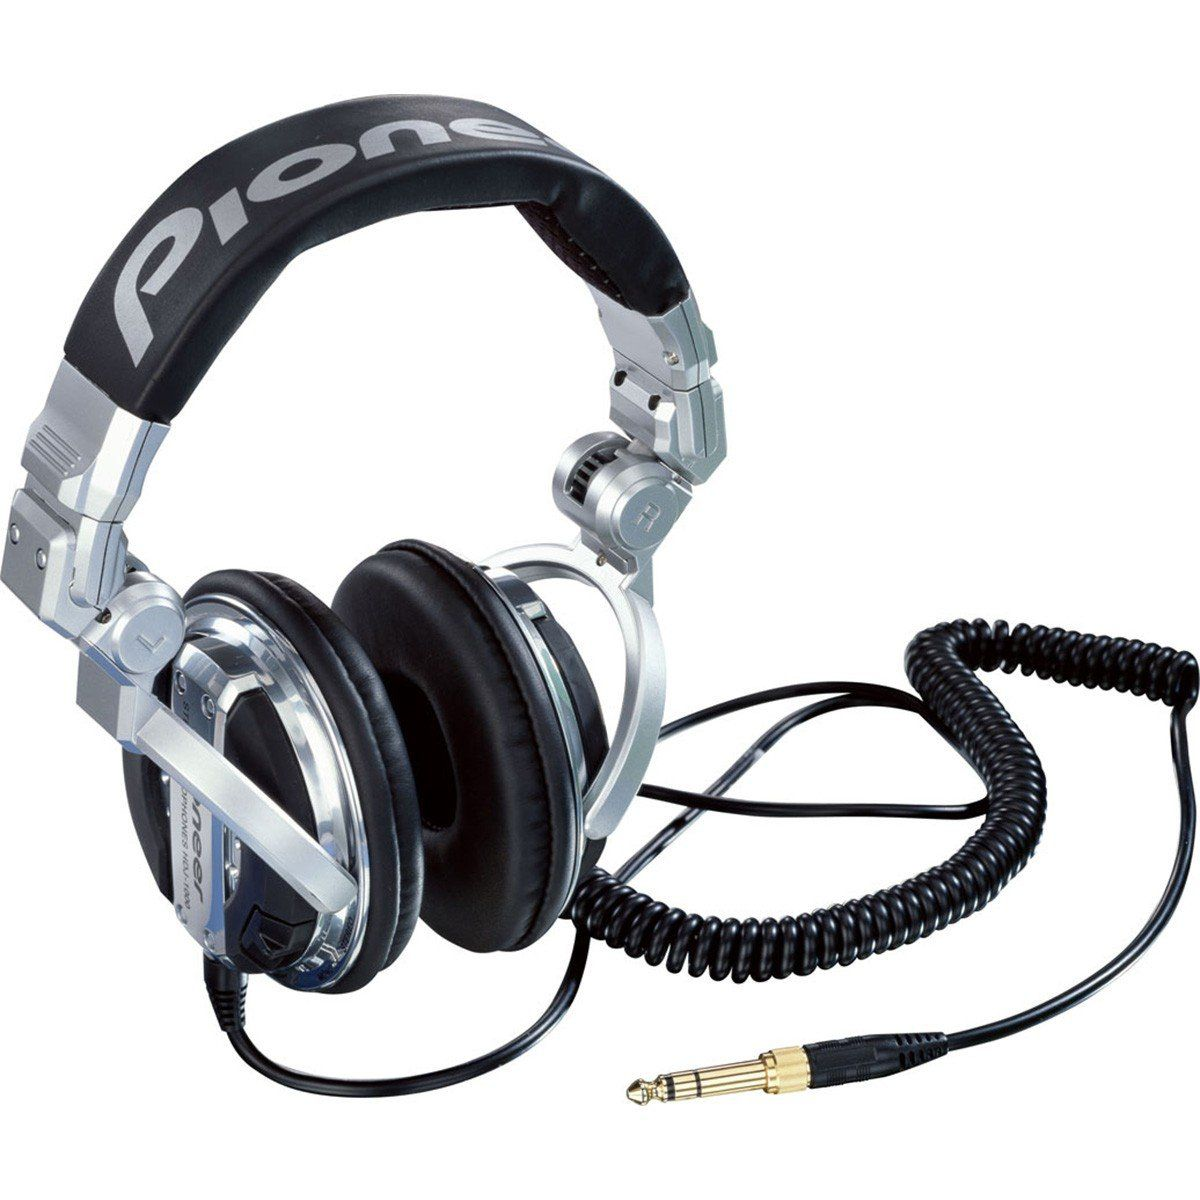 Pioneer HDJ-1000 Fone de Ouvido HDJ1000 para DJ Profissional Confortável Isolamento